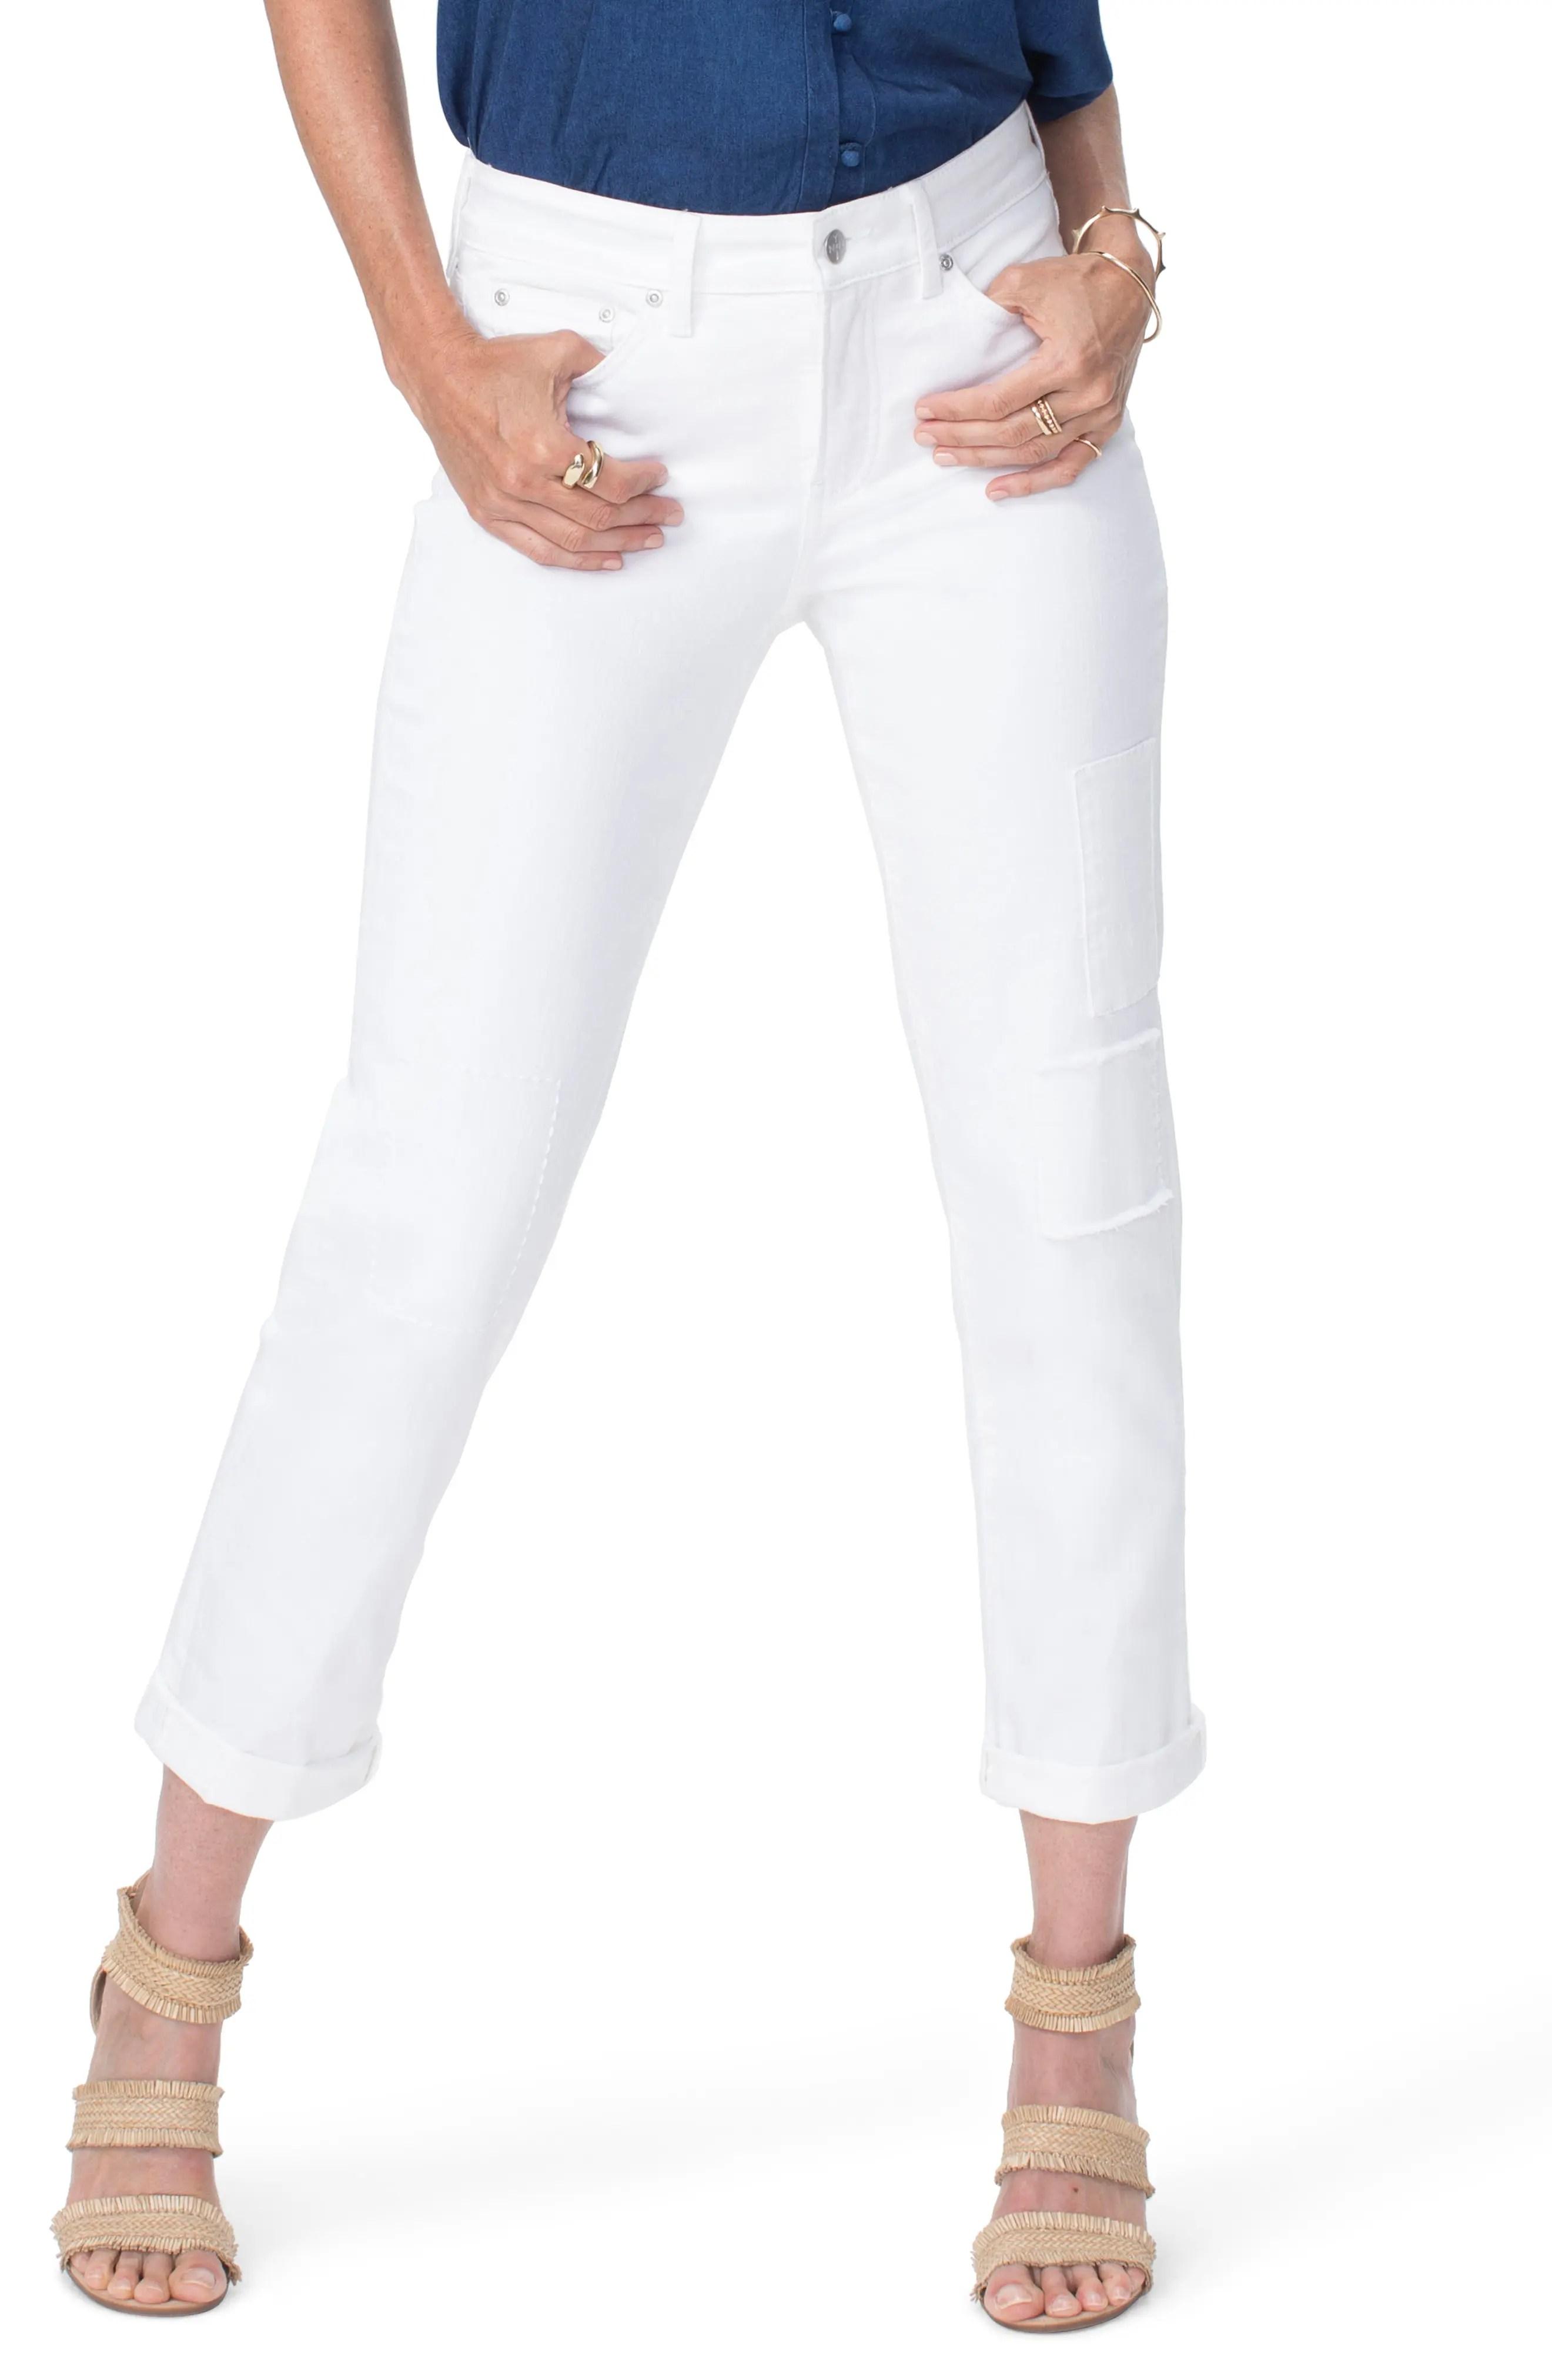 nydj high waist patchwork boyfriend jeans nordstrom rack